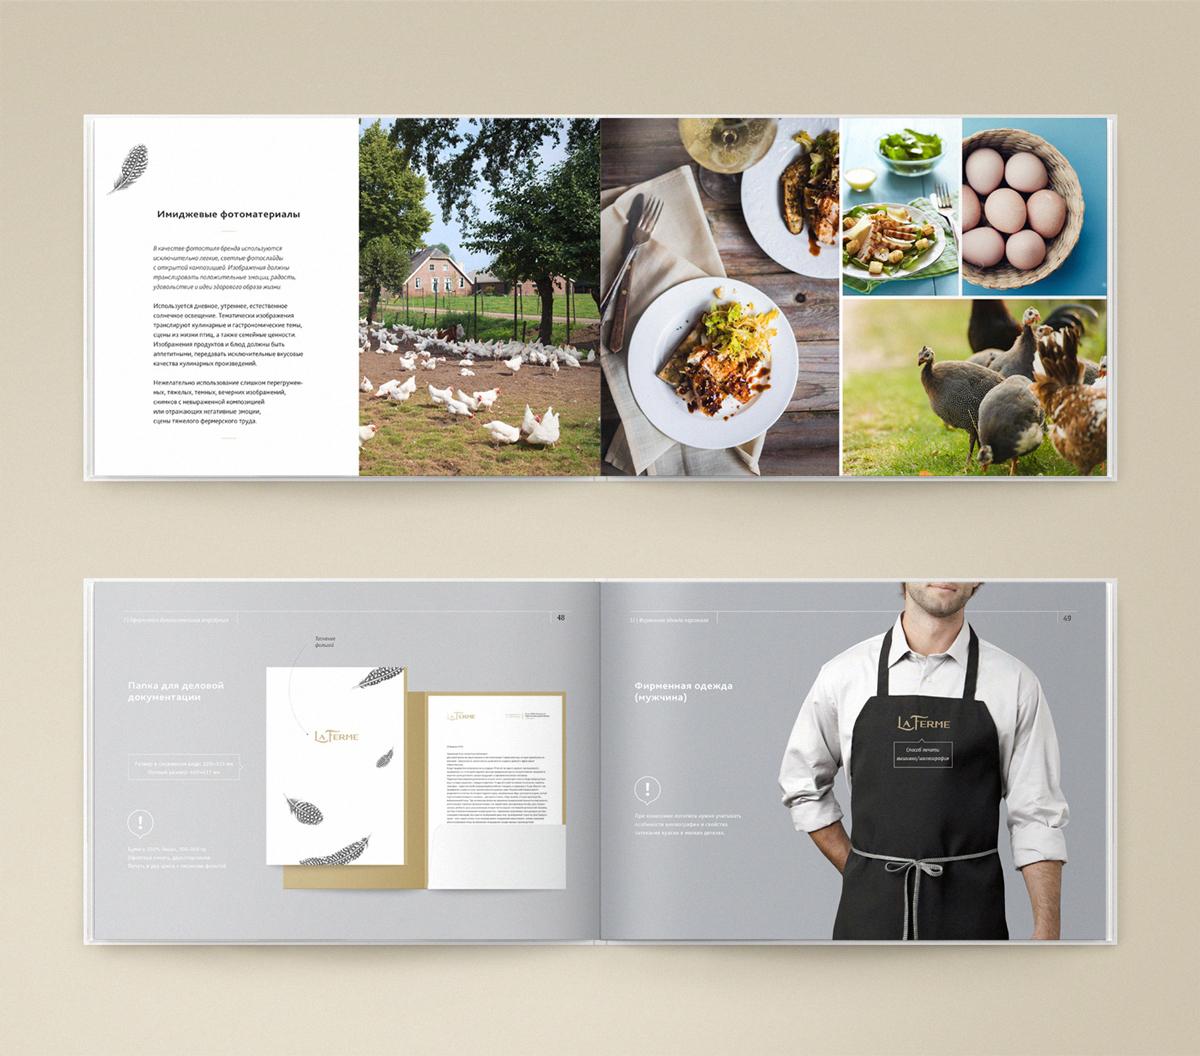 Дизайн каталога и брендбук La Ferme